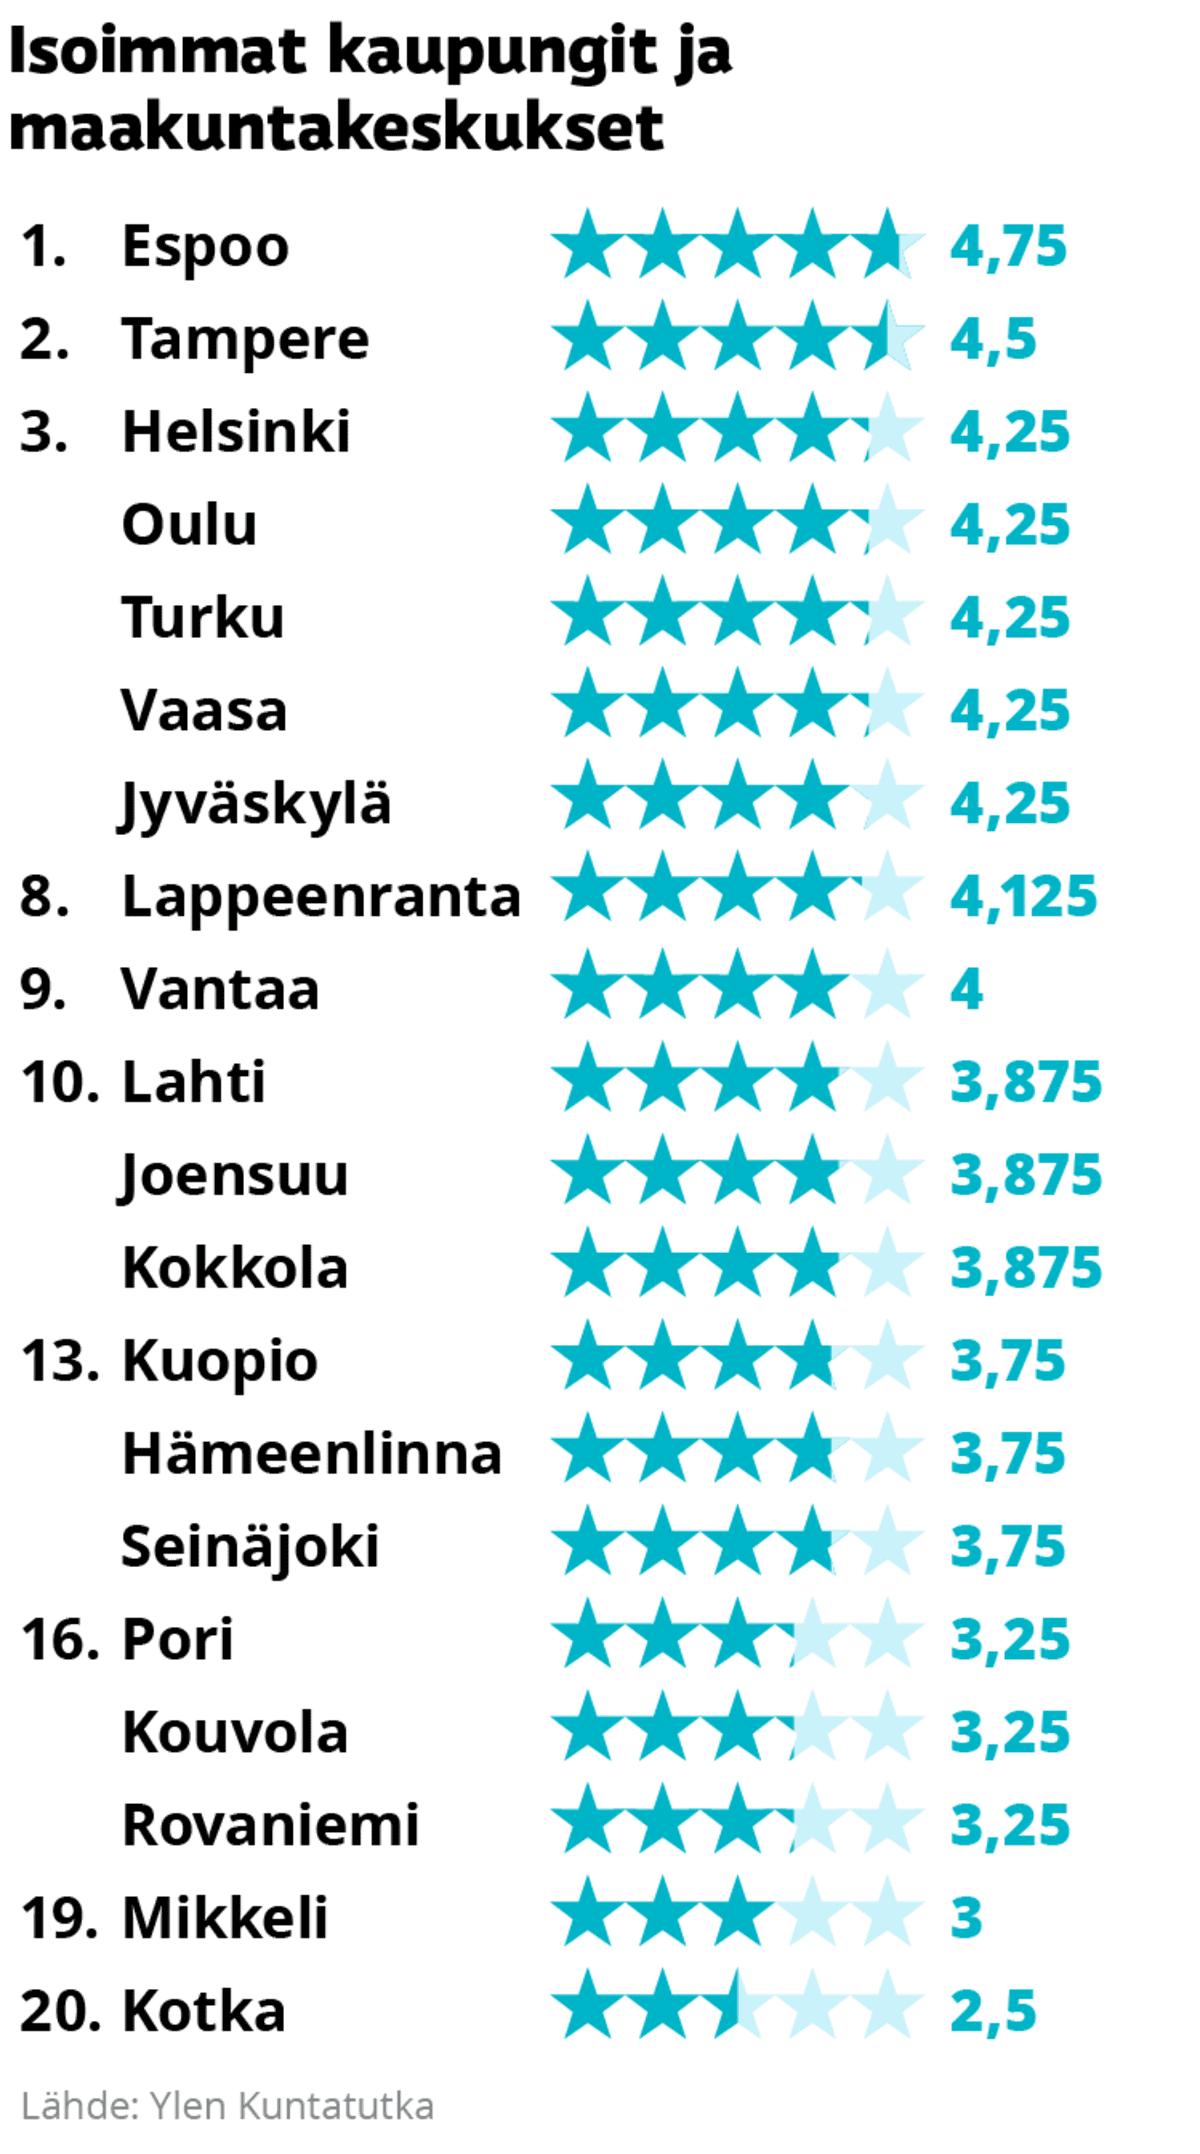 Isoimpien kaupunkien ja maakuntakeskusten sijoittuminen Kuntatutkassa.